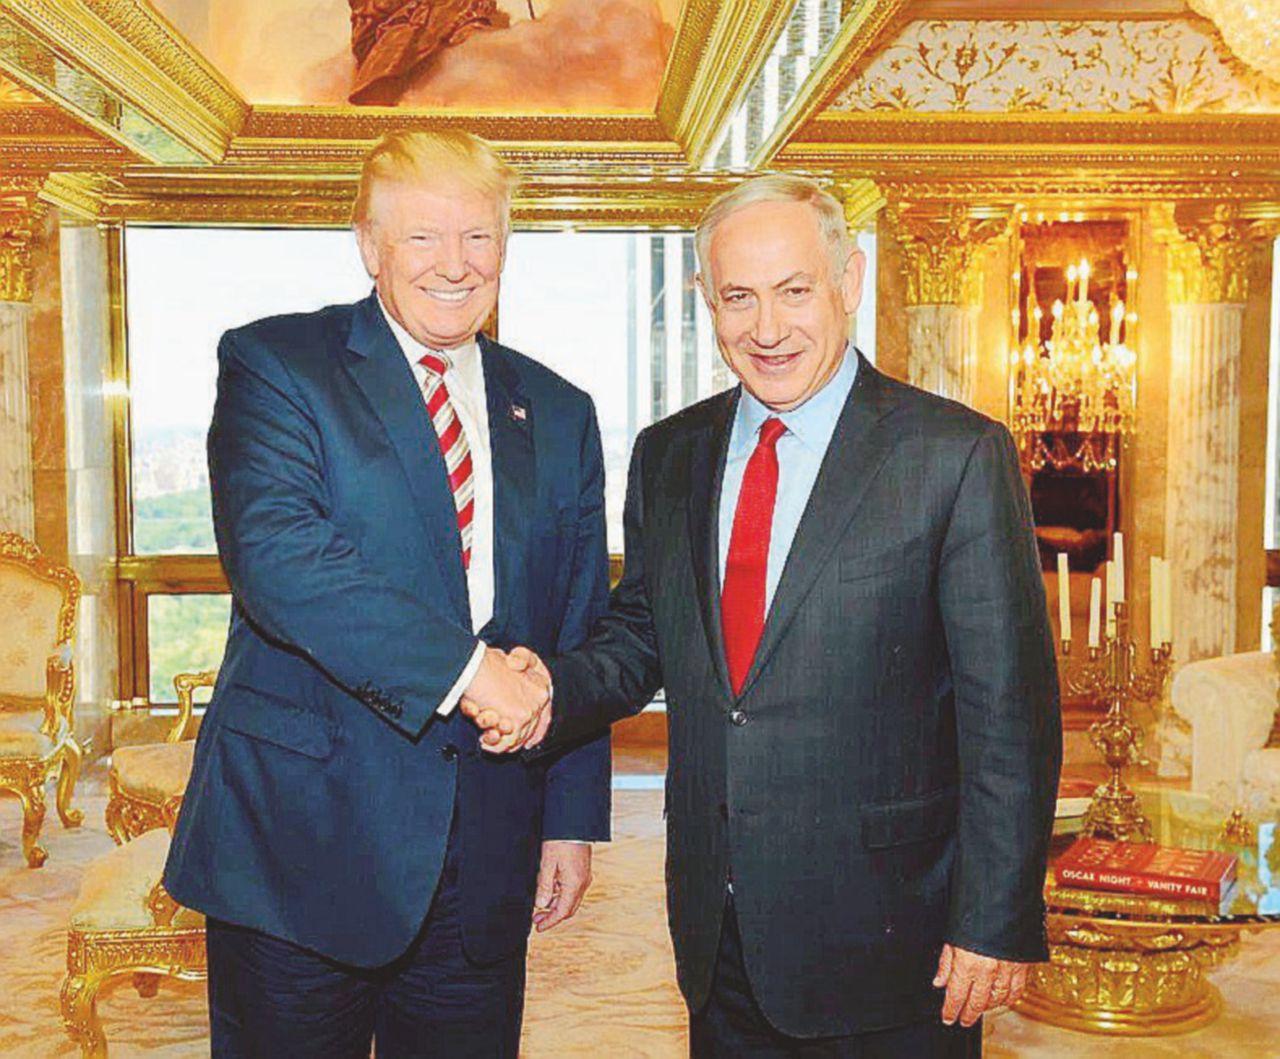 """Il """"tycoon colono"""" che ha un debito con gli ebrei conservatori a stelle e strisce"""